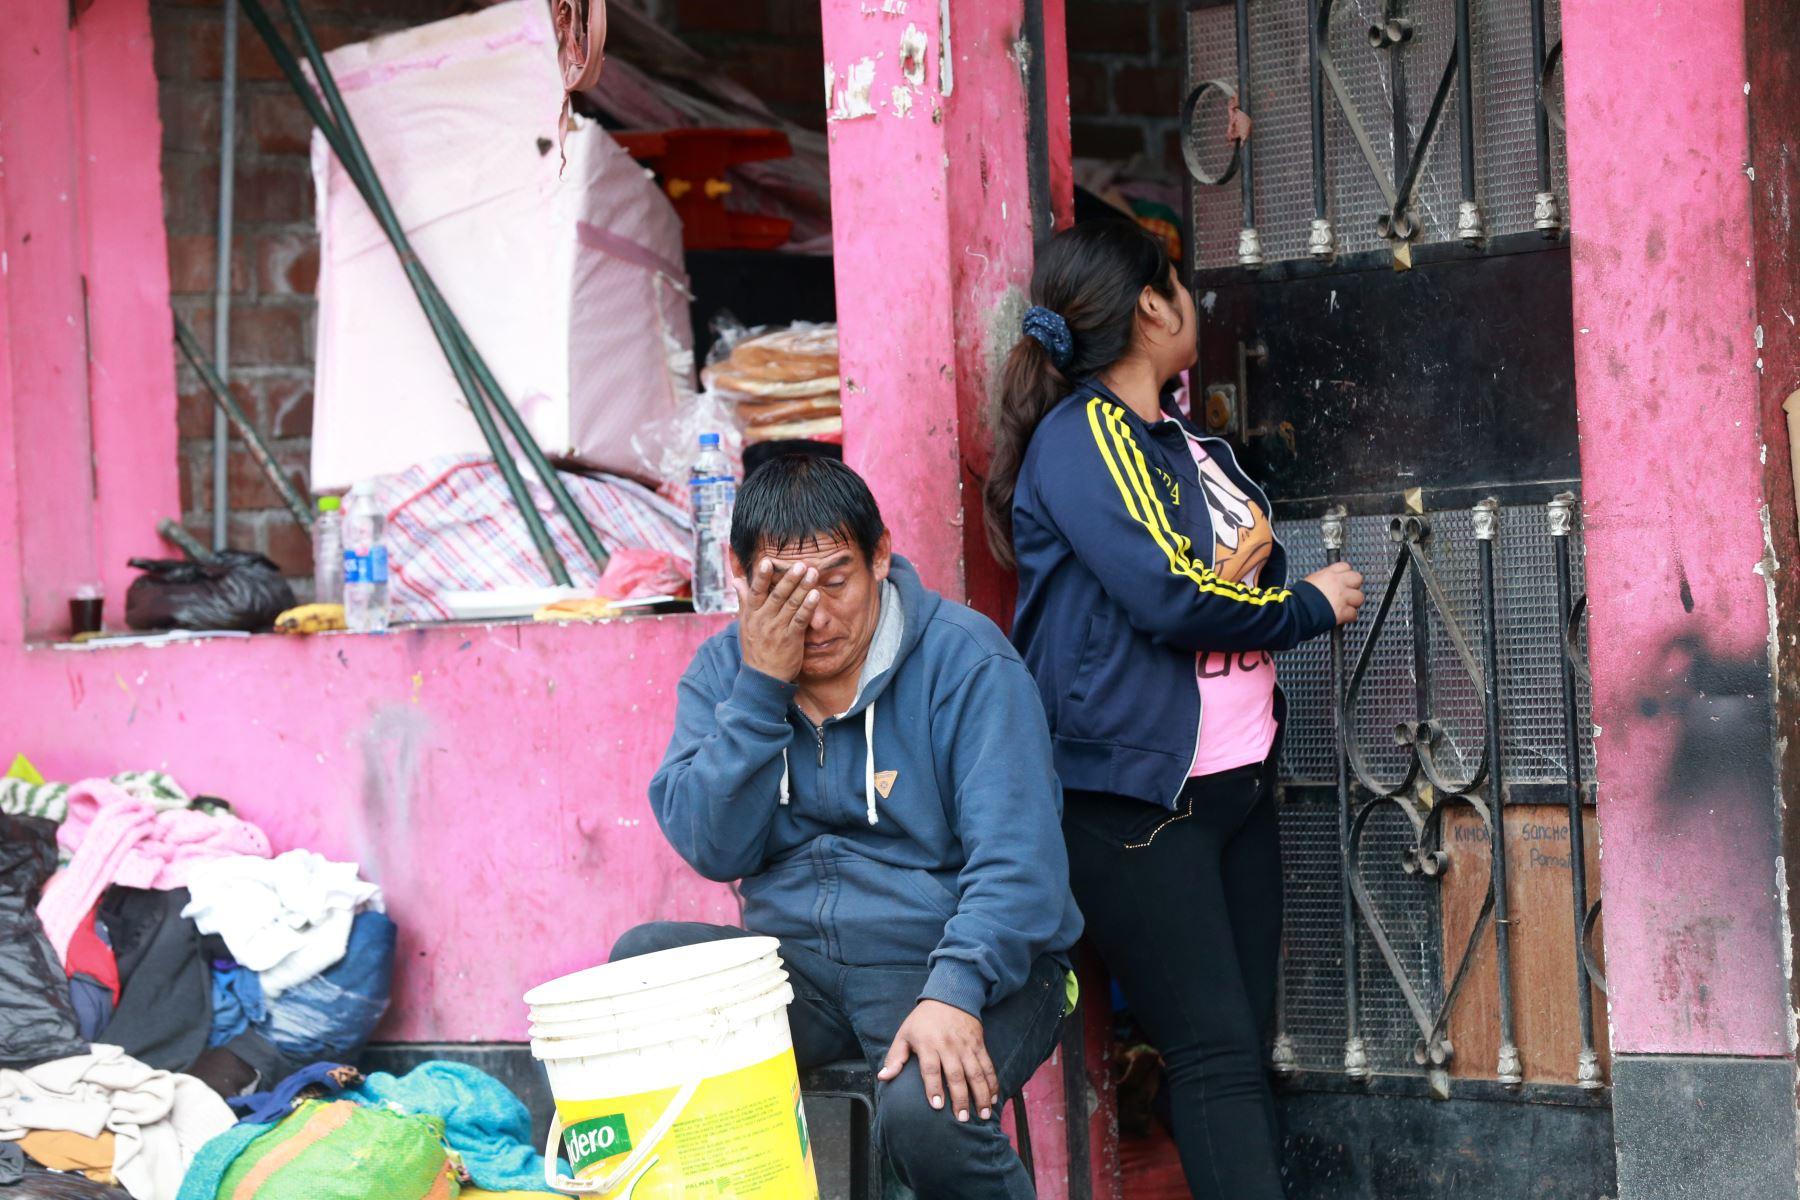 Vecinos afectados por la deflagración en Villa el Salvador. Foto: ANDINA/Jhony Laurente